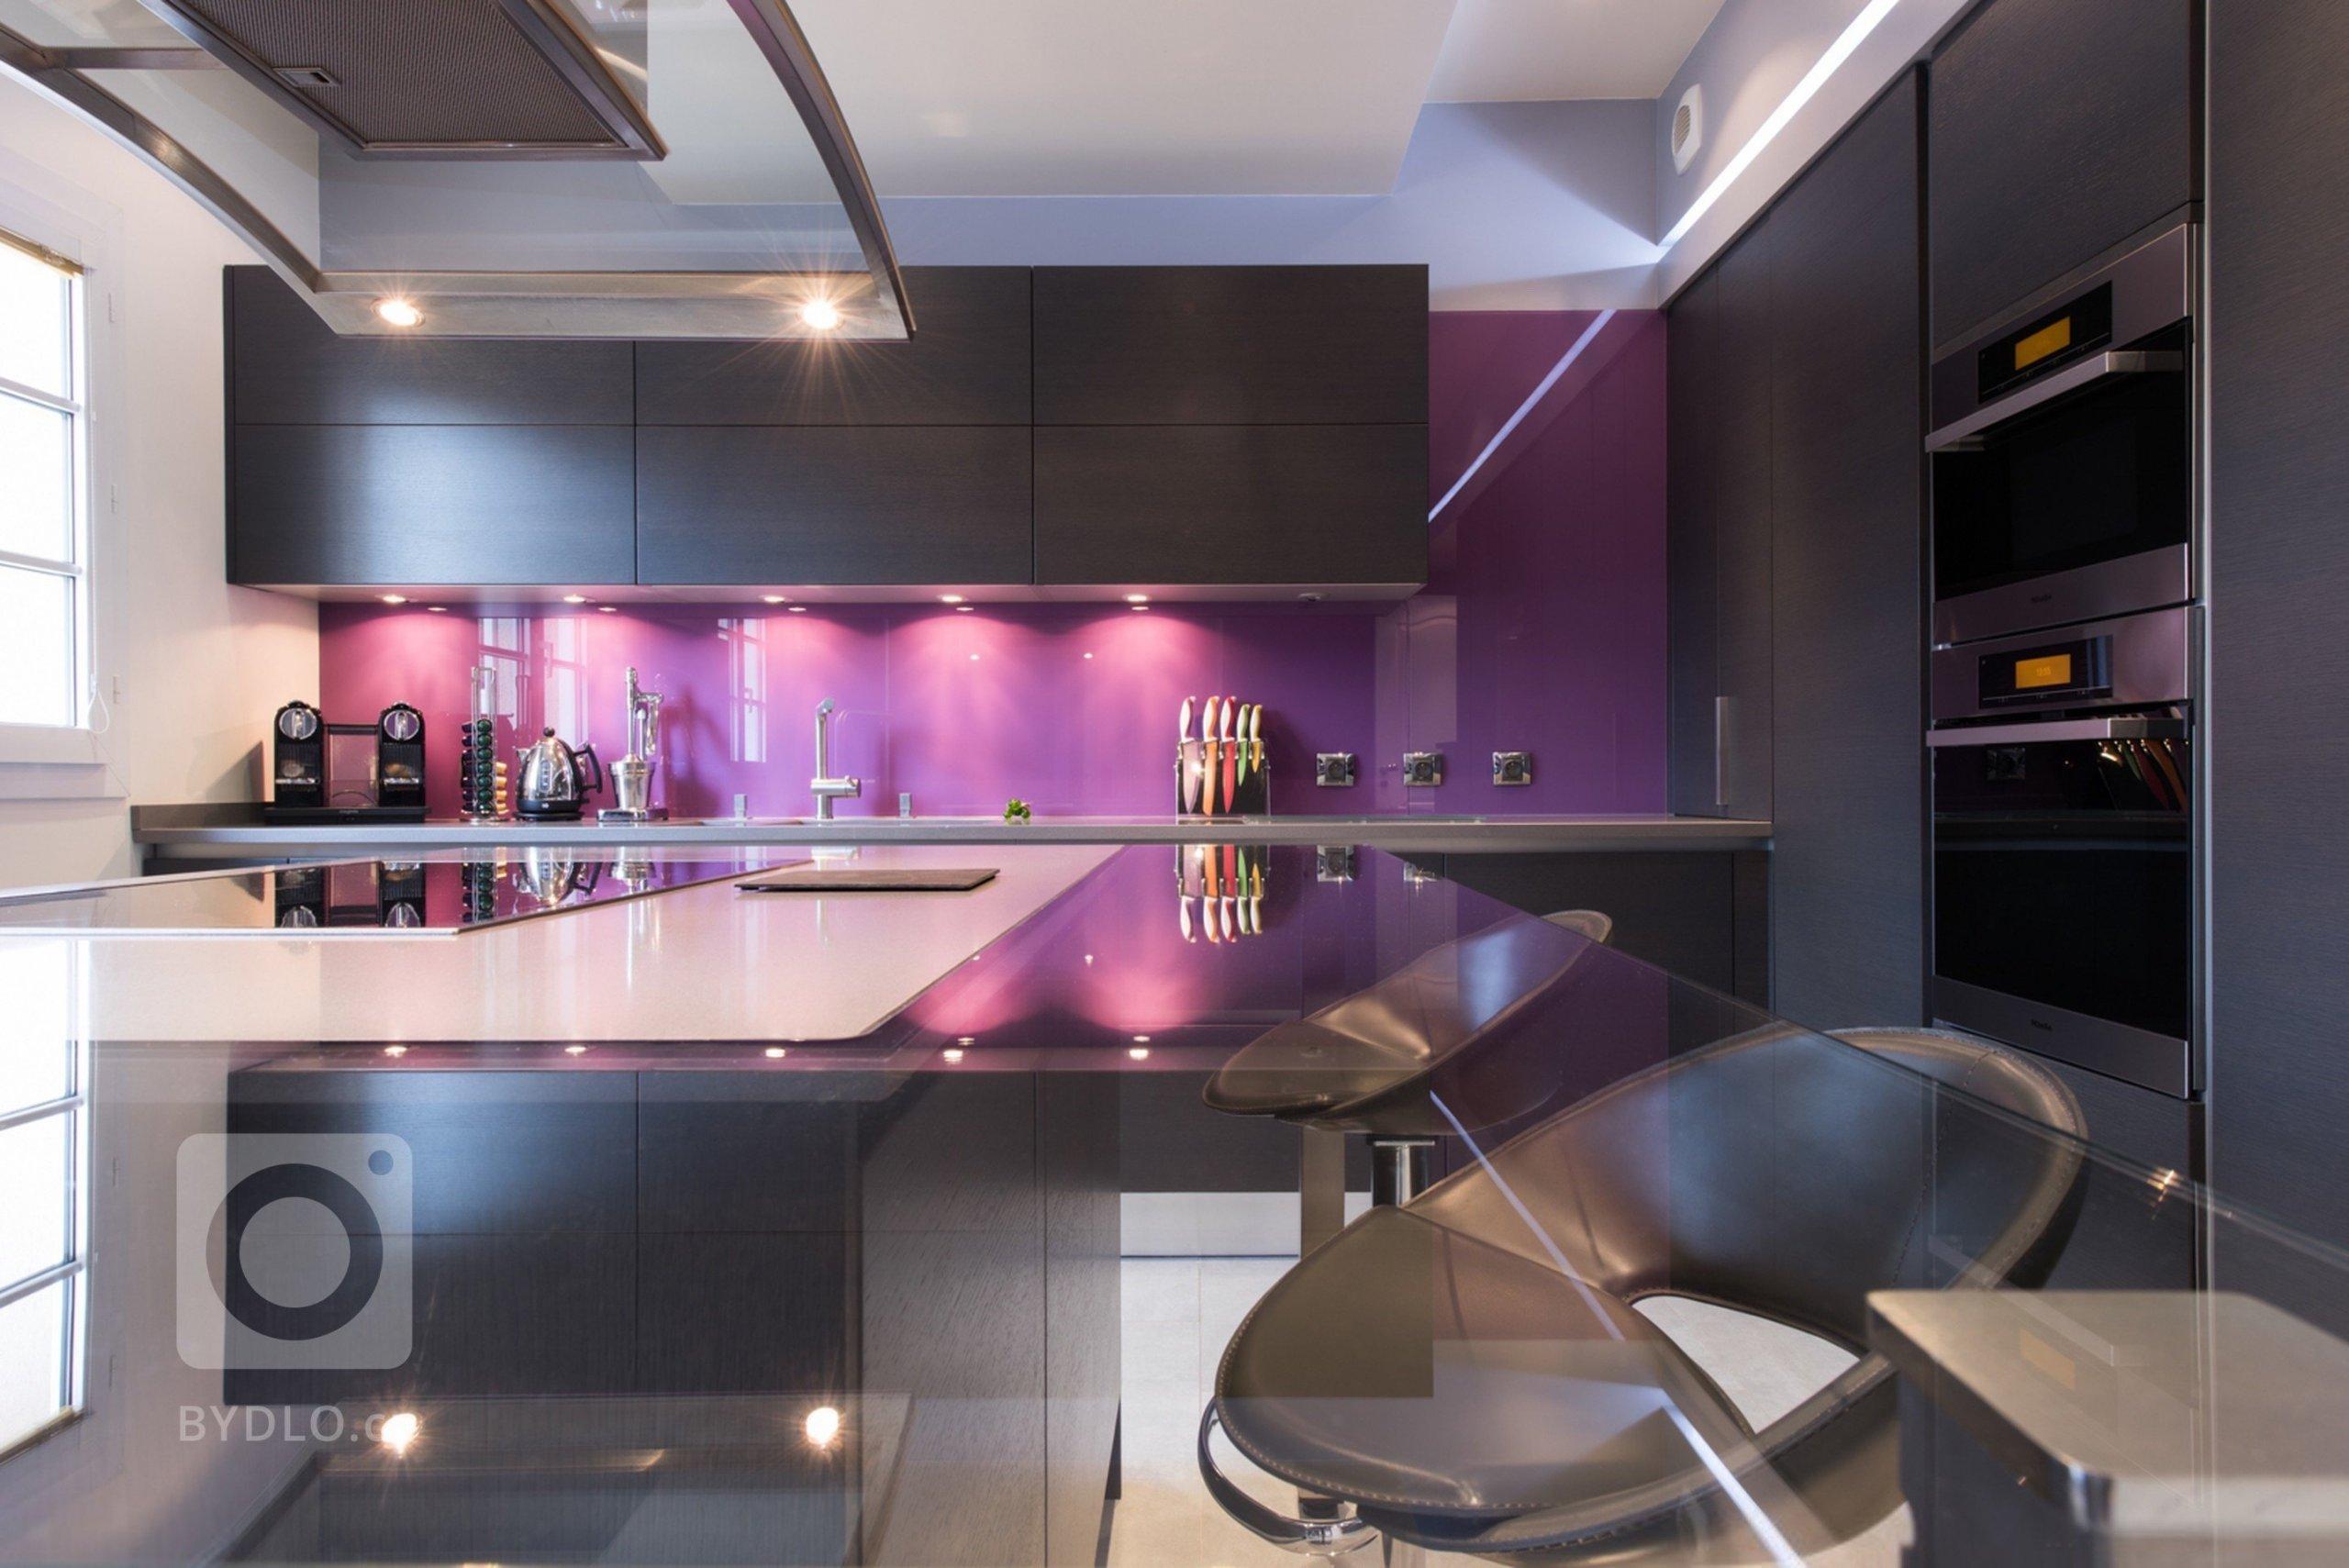 Fialová patří mezi silné či takzvaně výrazně expresivní barvy. Dokáže být velmi vítaným zpestřením interiéru, ale jen do chvíle, než se stane jeho dominantní barvou. Fialová je doplňkovou barvou, která se hodí do všech typů interiérů, přizpůsobí se každému stylu a není problém ji využít v kterékoliv místnosti – stačí jen vybrat ten správný odstín.